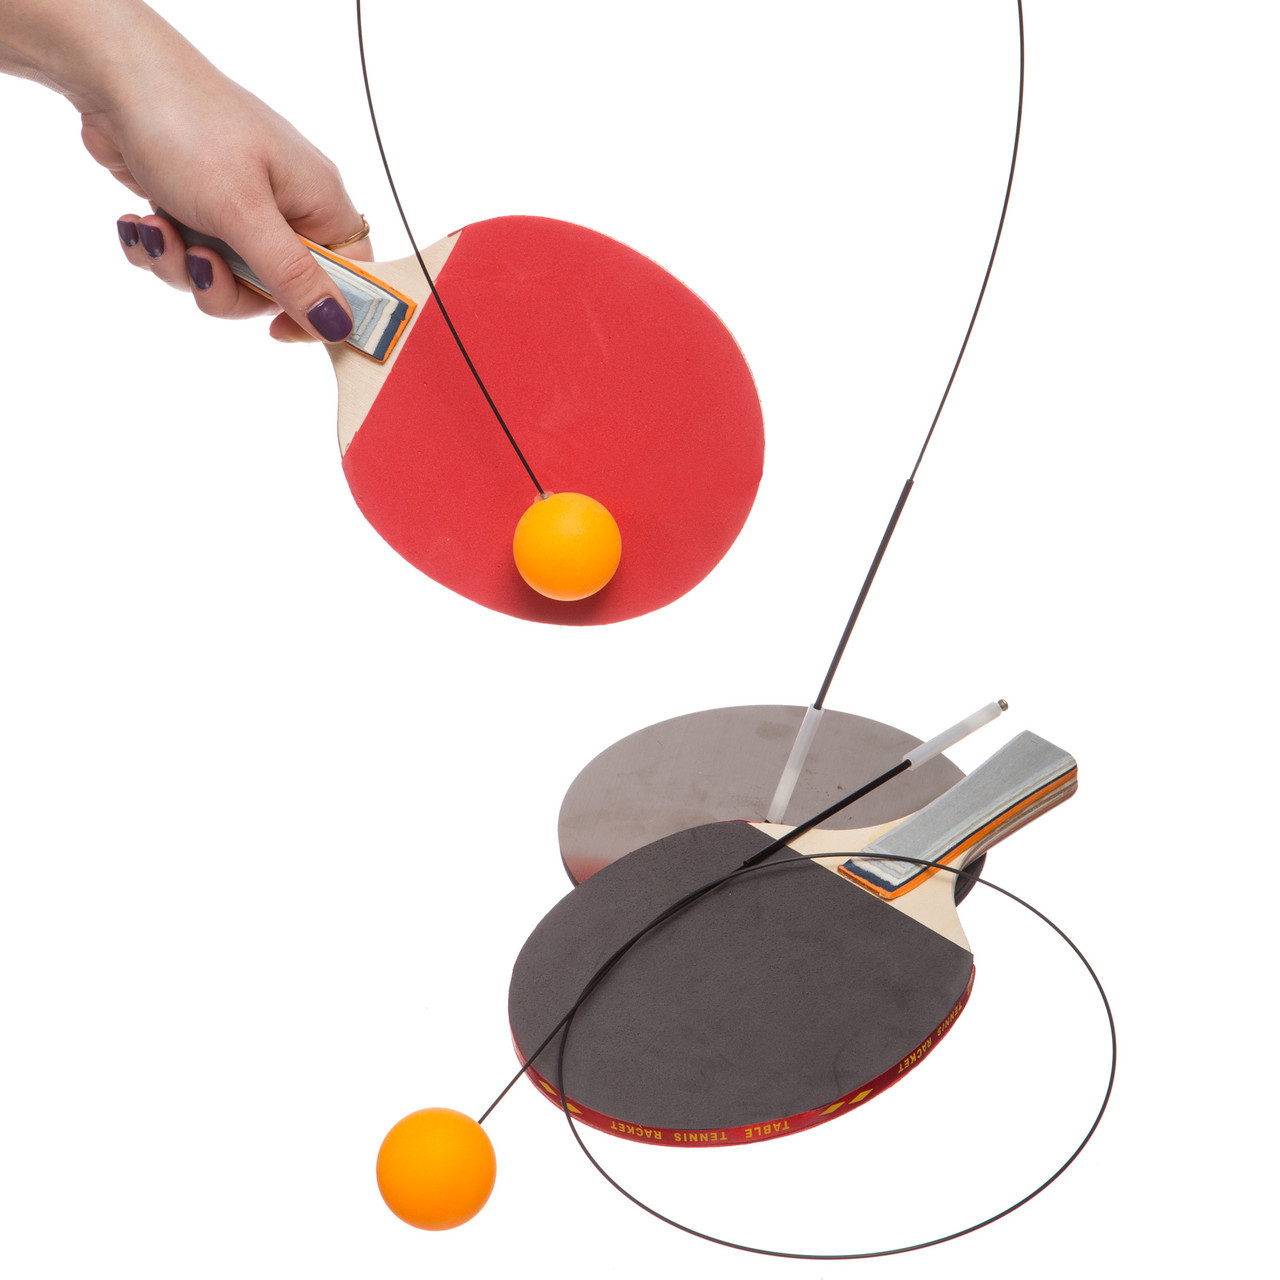 Набор для координации и тренировки по настольному теннису 150-40 (2ракетки, 2шарика, 1подставка, 2струны